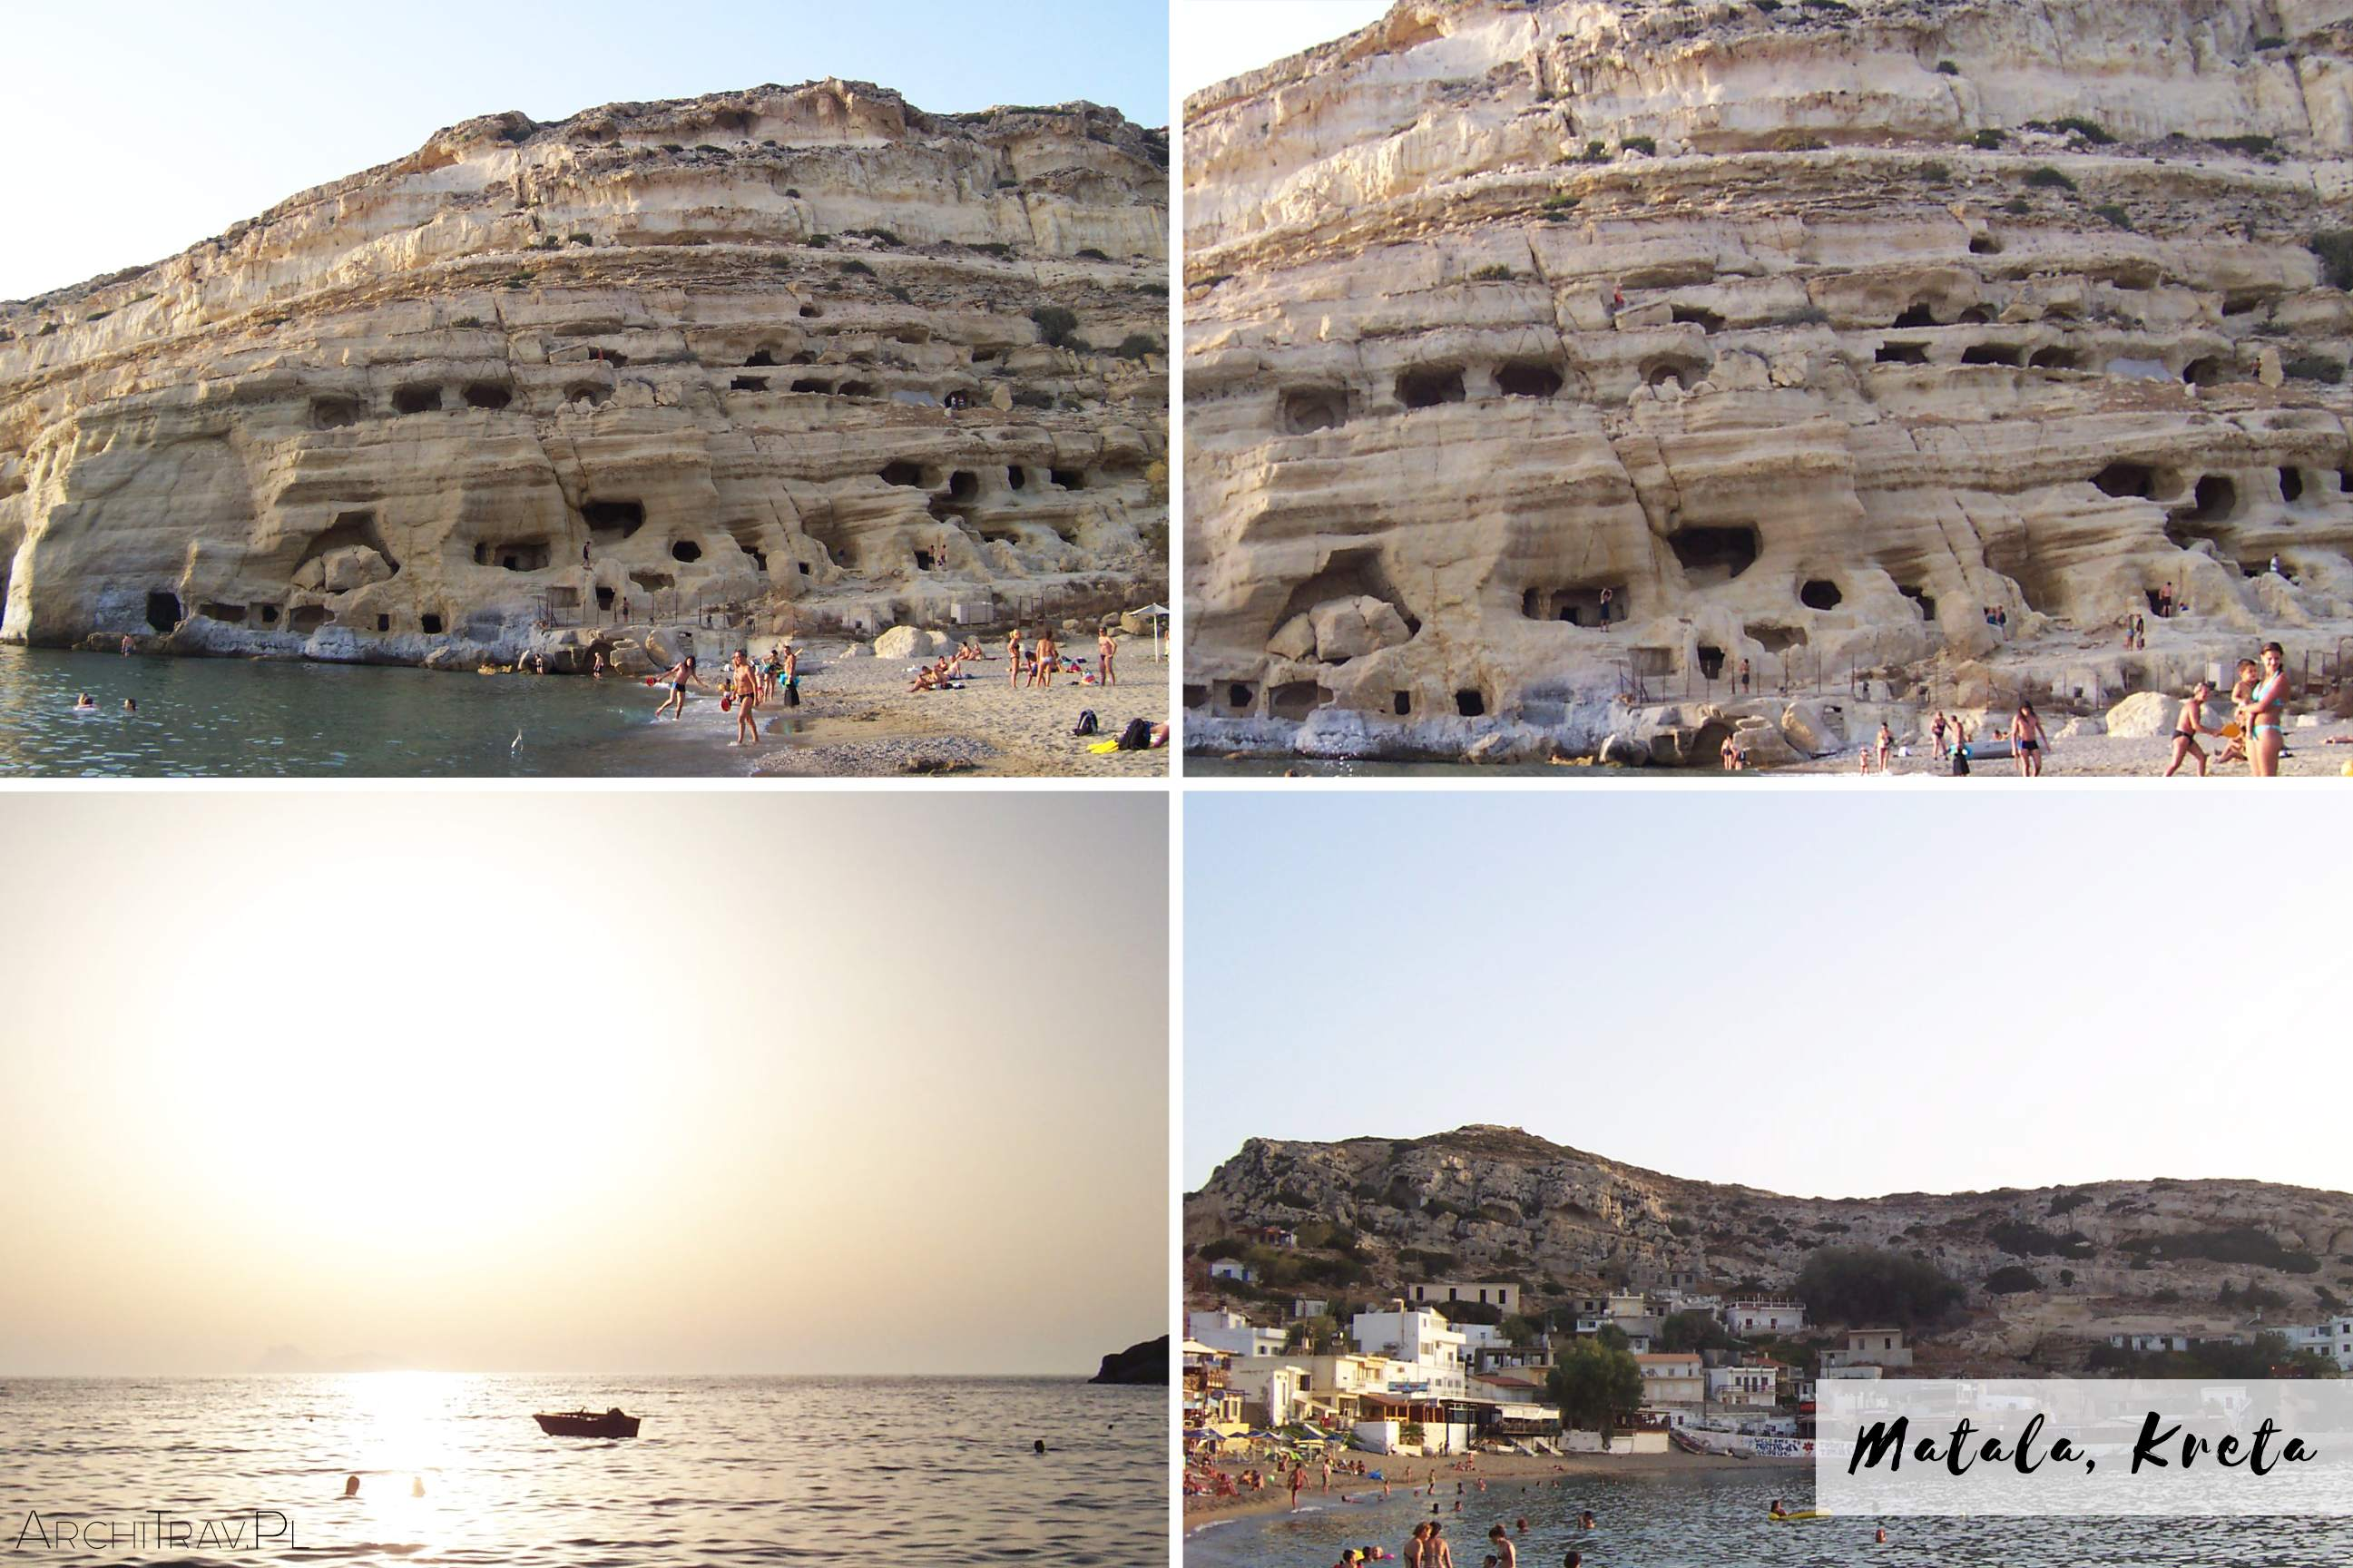 zdjecie zlozone z czterech mniejszych - Matala Kreta